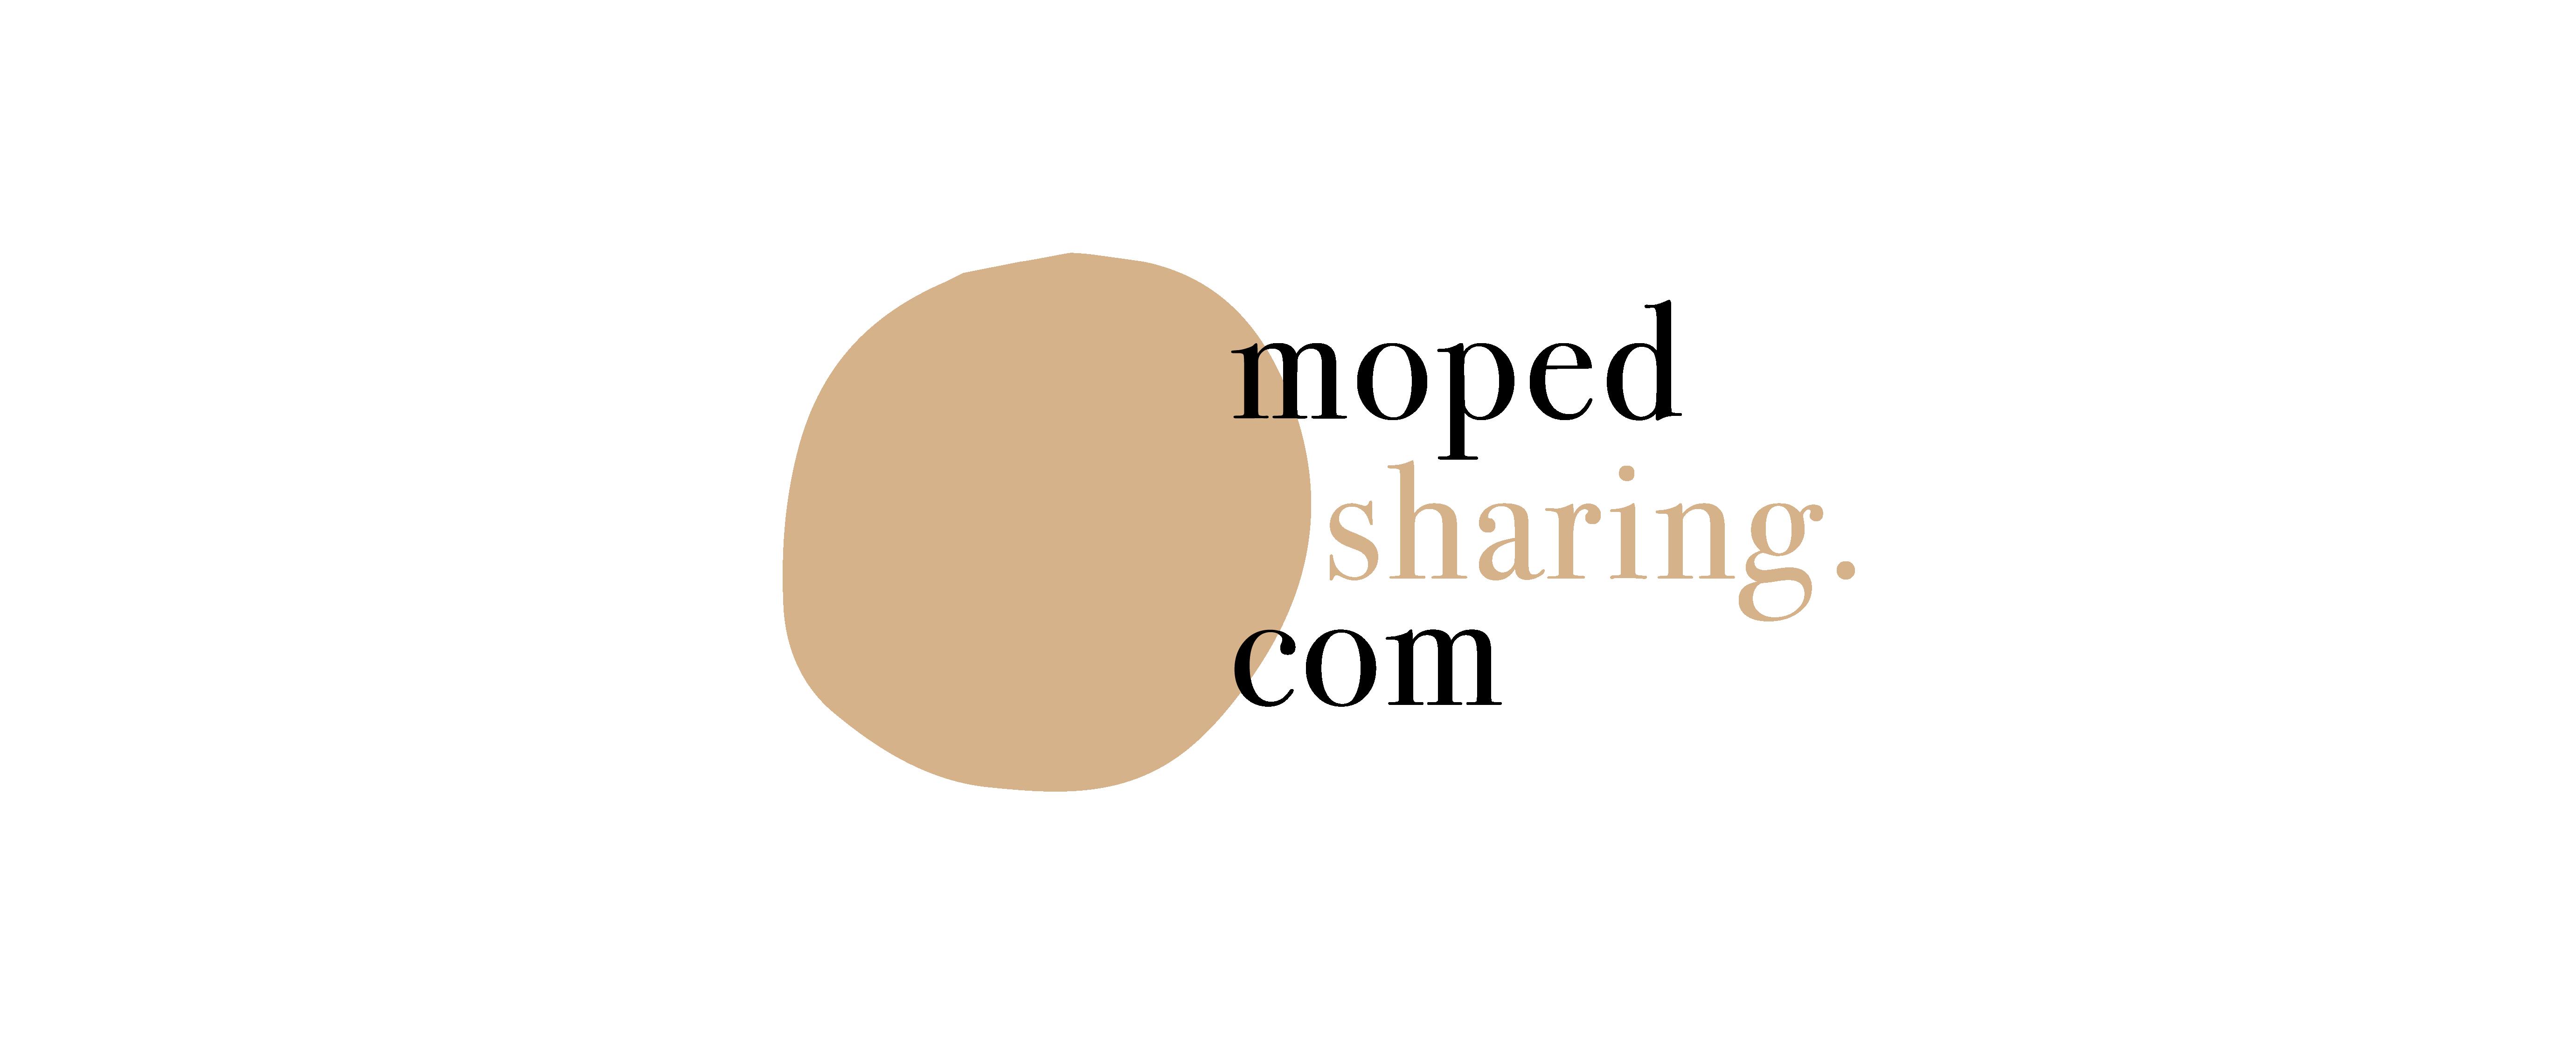 moped-sharing-logo